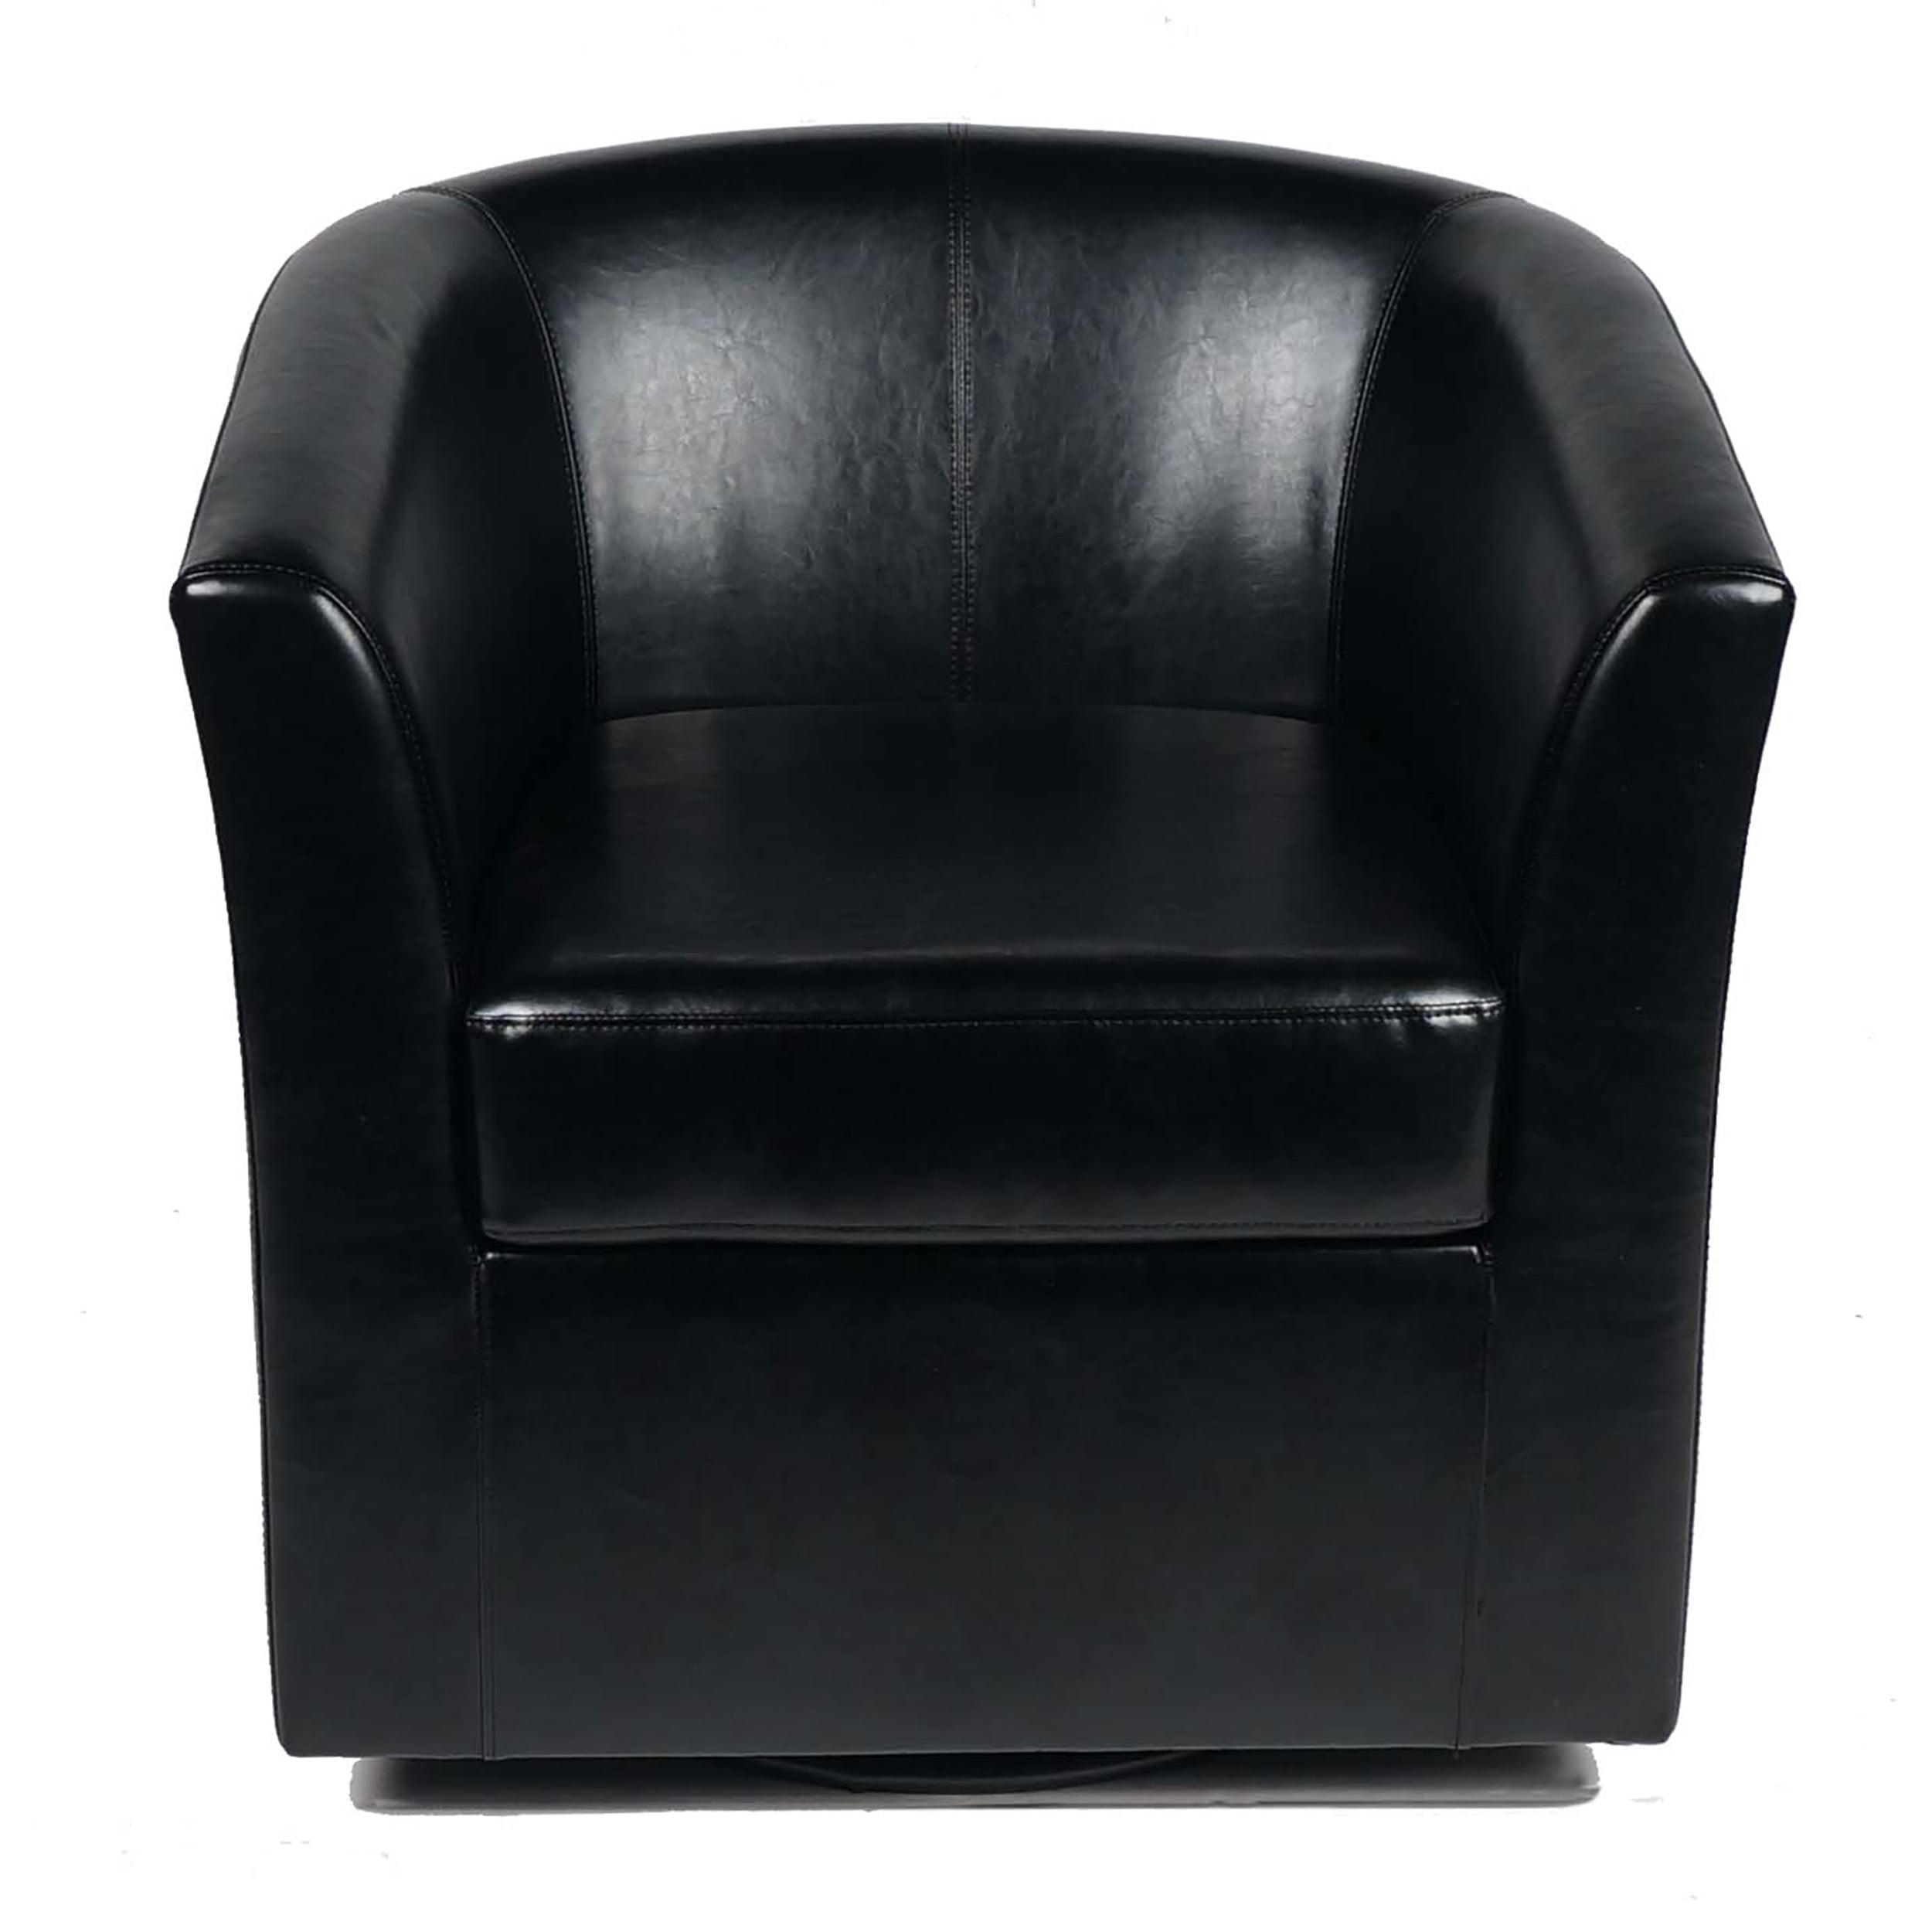 Corley Leather Swivel Club Chair, Black by GDF Studio